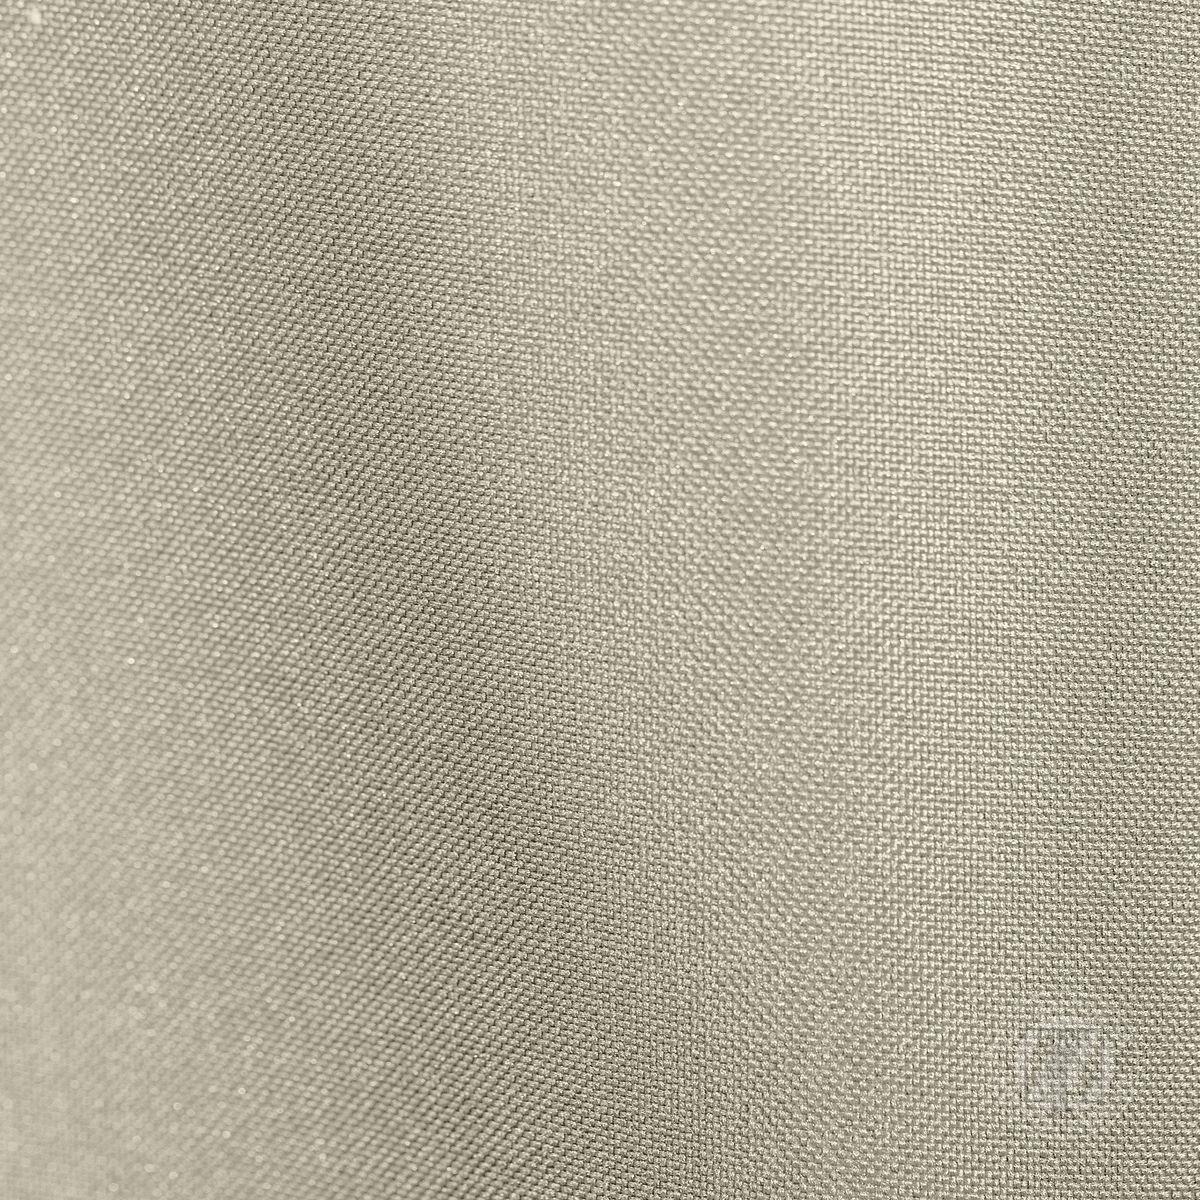 Záves ADORE na krúžkoch kapučínový 140x250cm